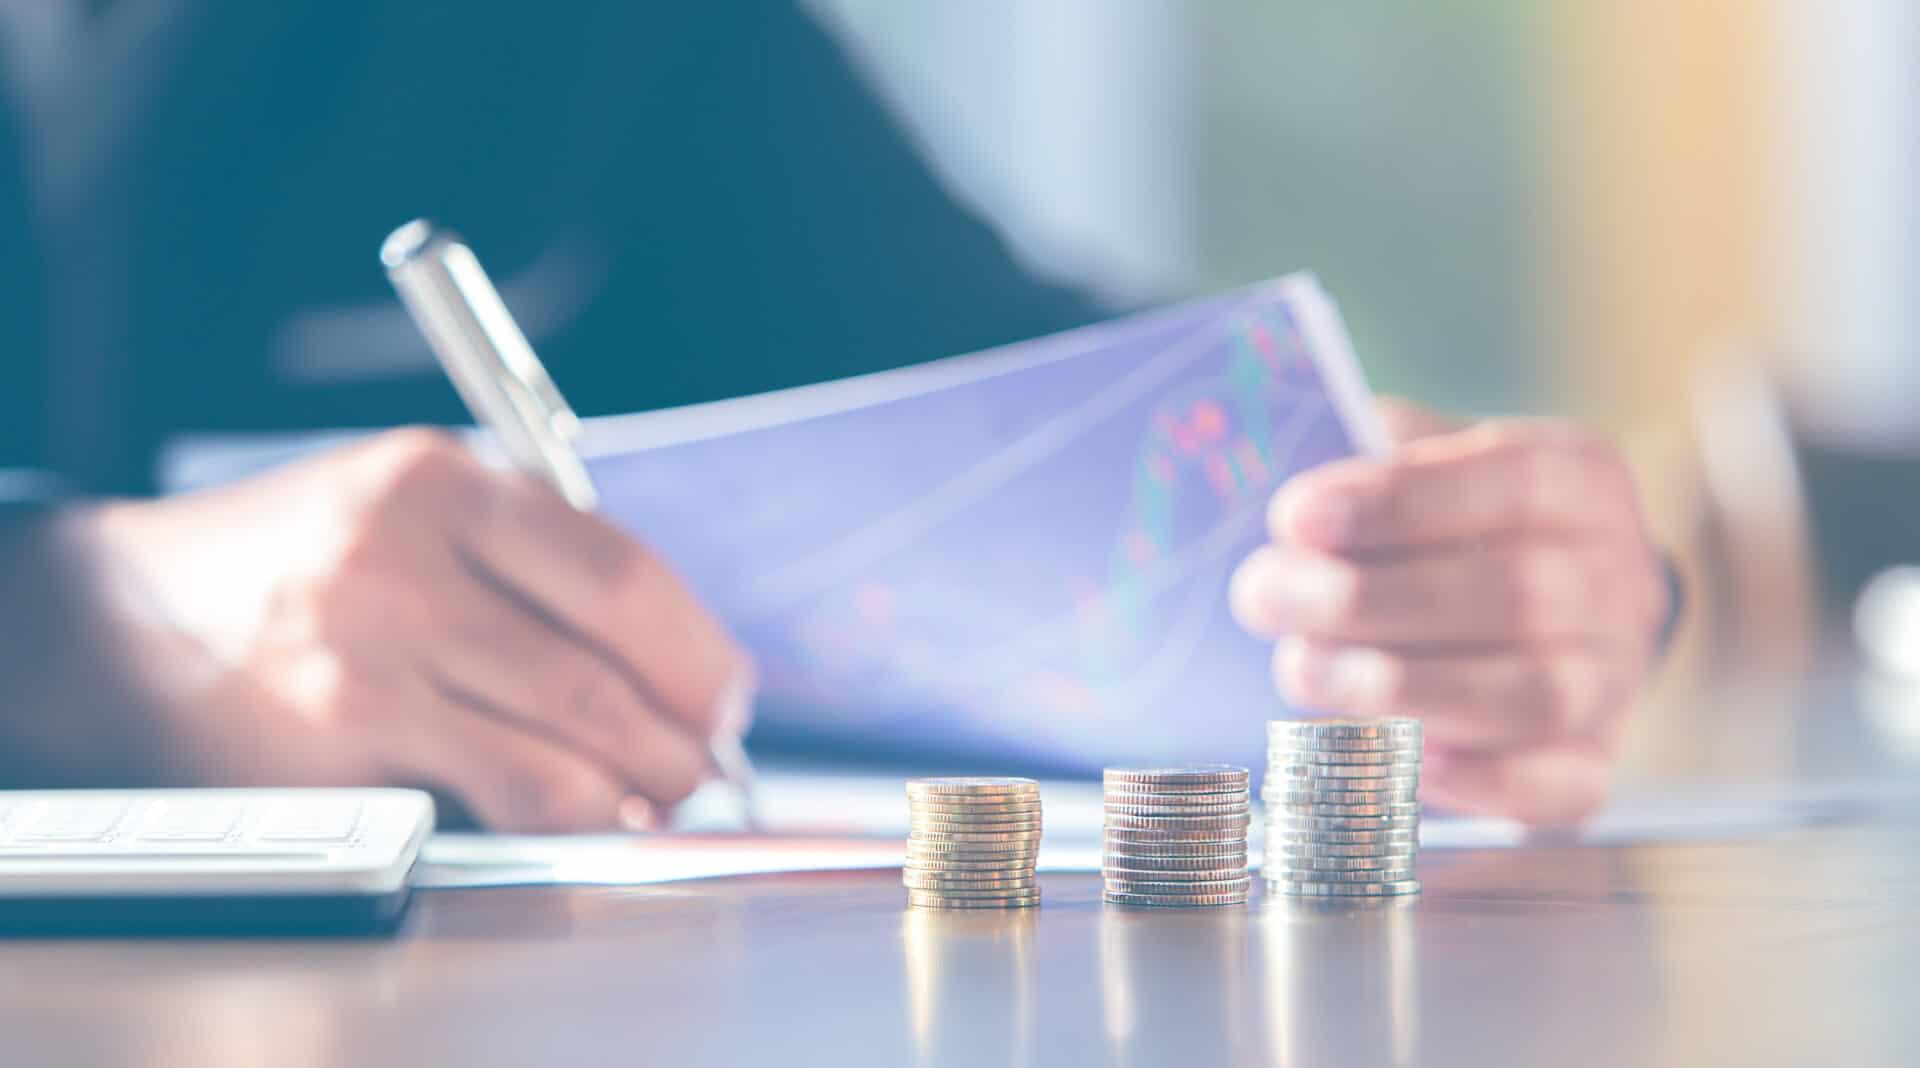 Unternehmergesellschaft gründen - Kosten, Vor- und Nachteile